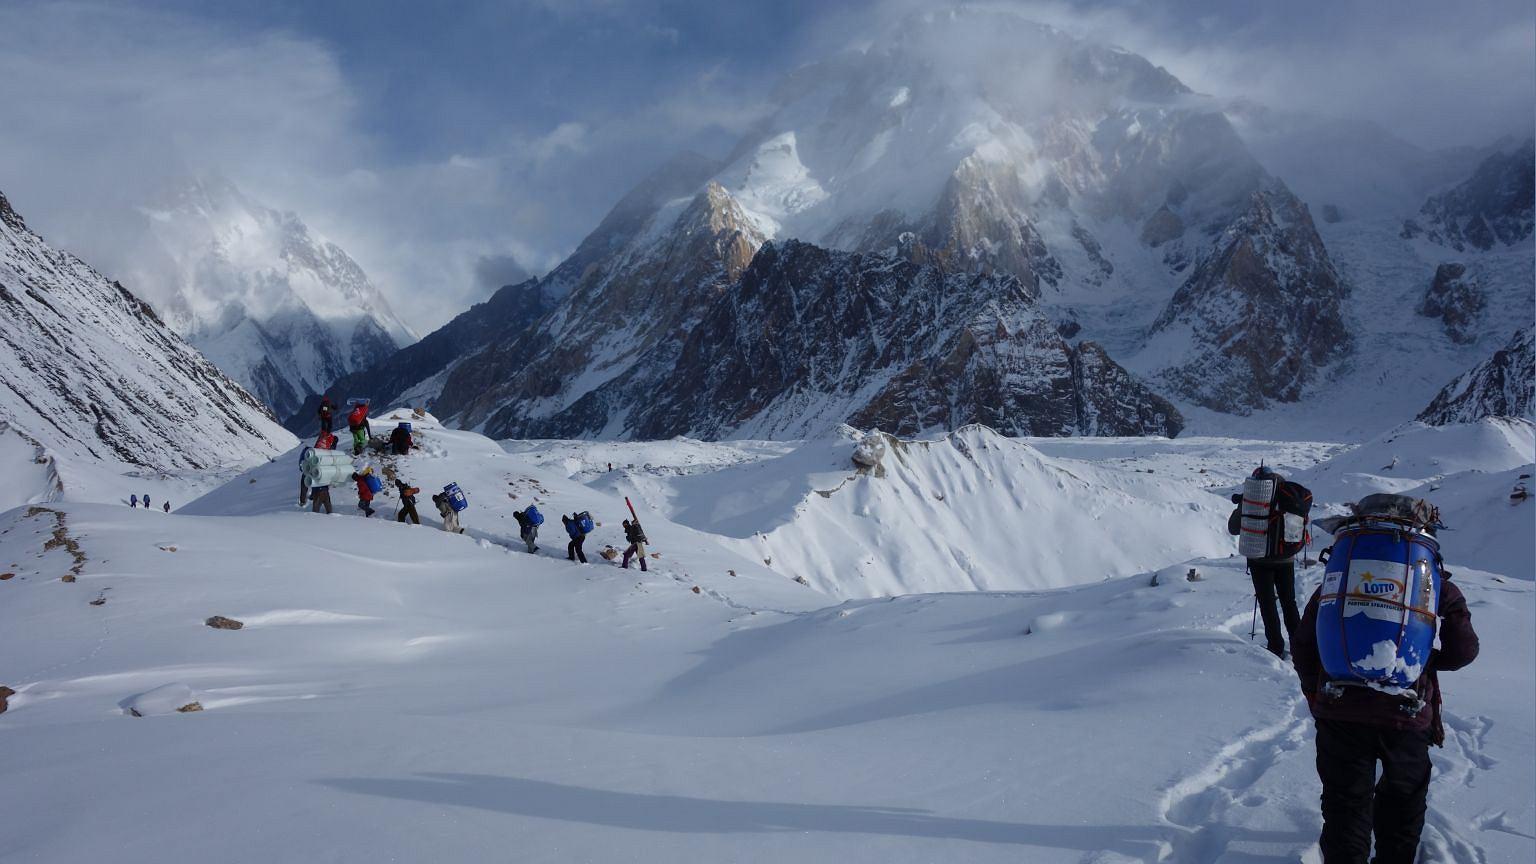 W drodze do bazy pod K2 (fot. archiwum Rafała Froni)